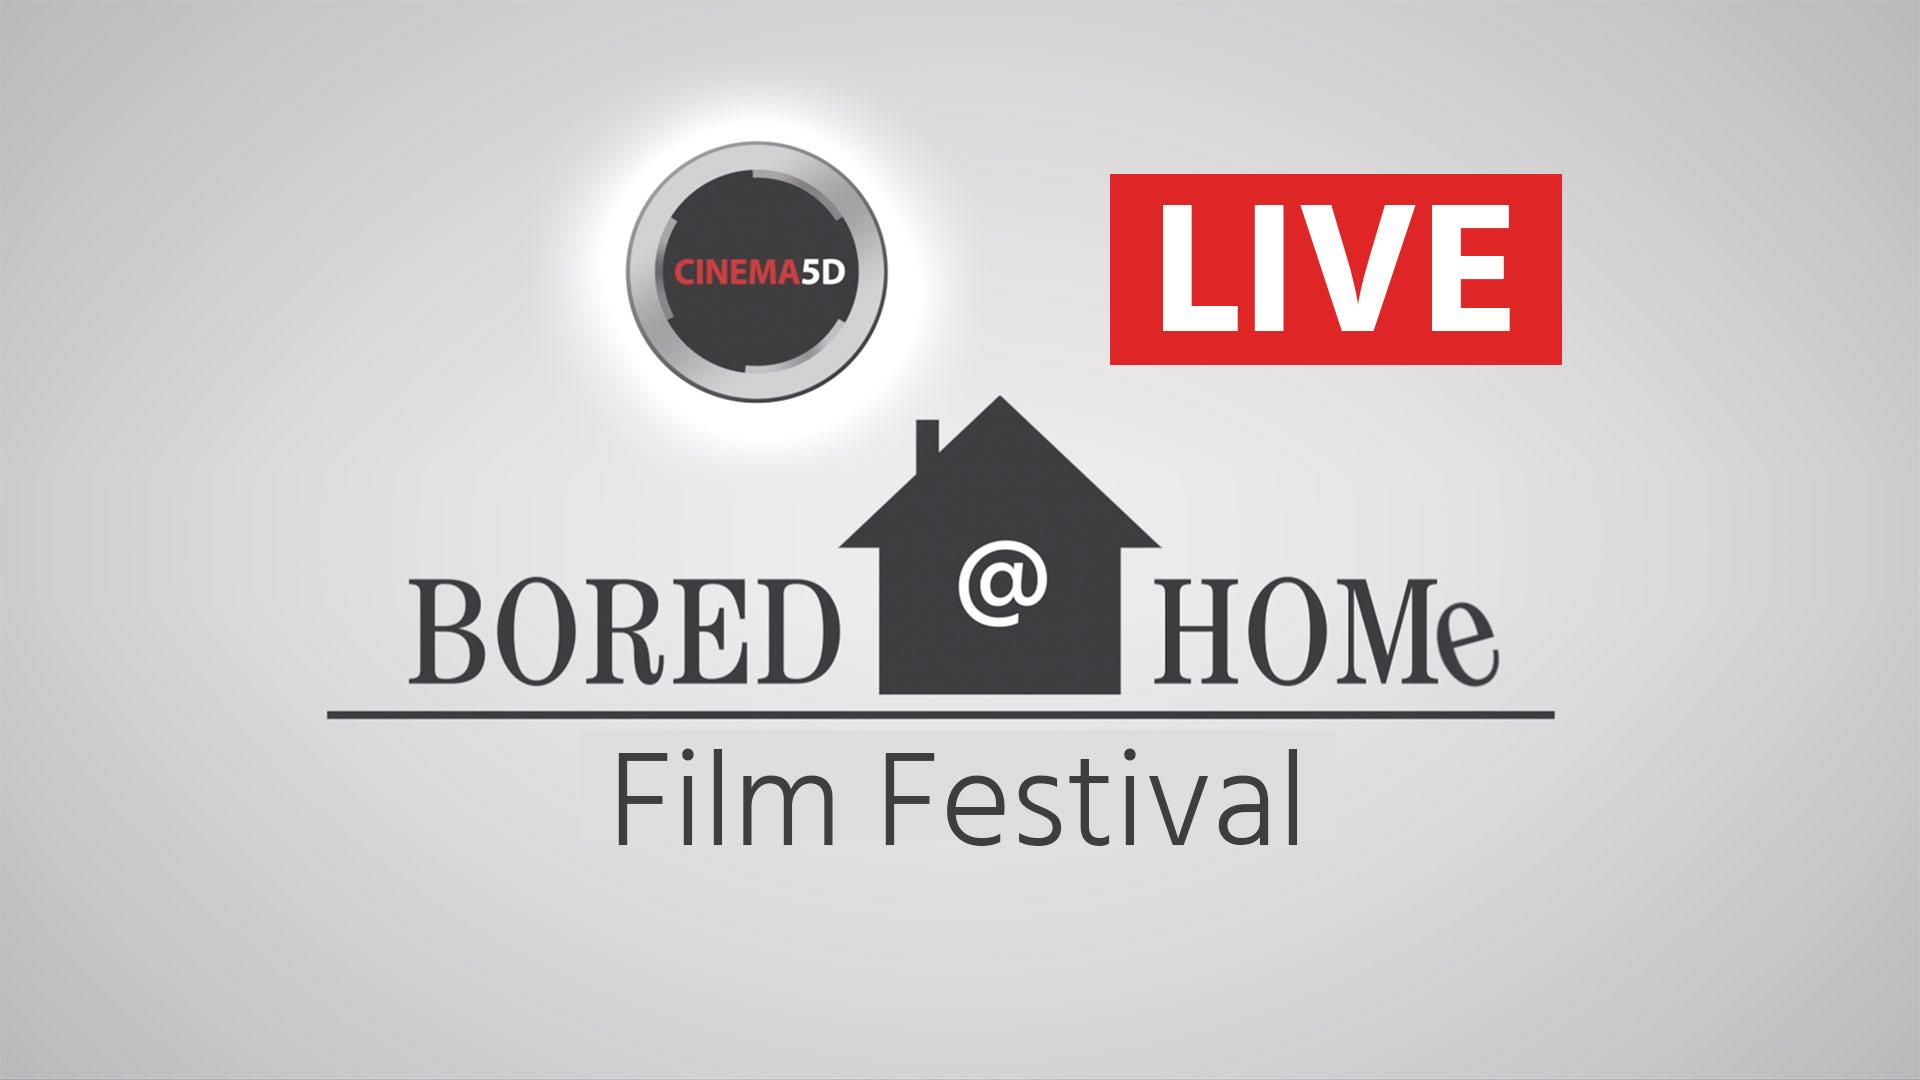 Bored @ Homeビデオコンペティションの発表を今夜ライブ配信